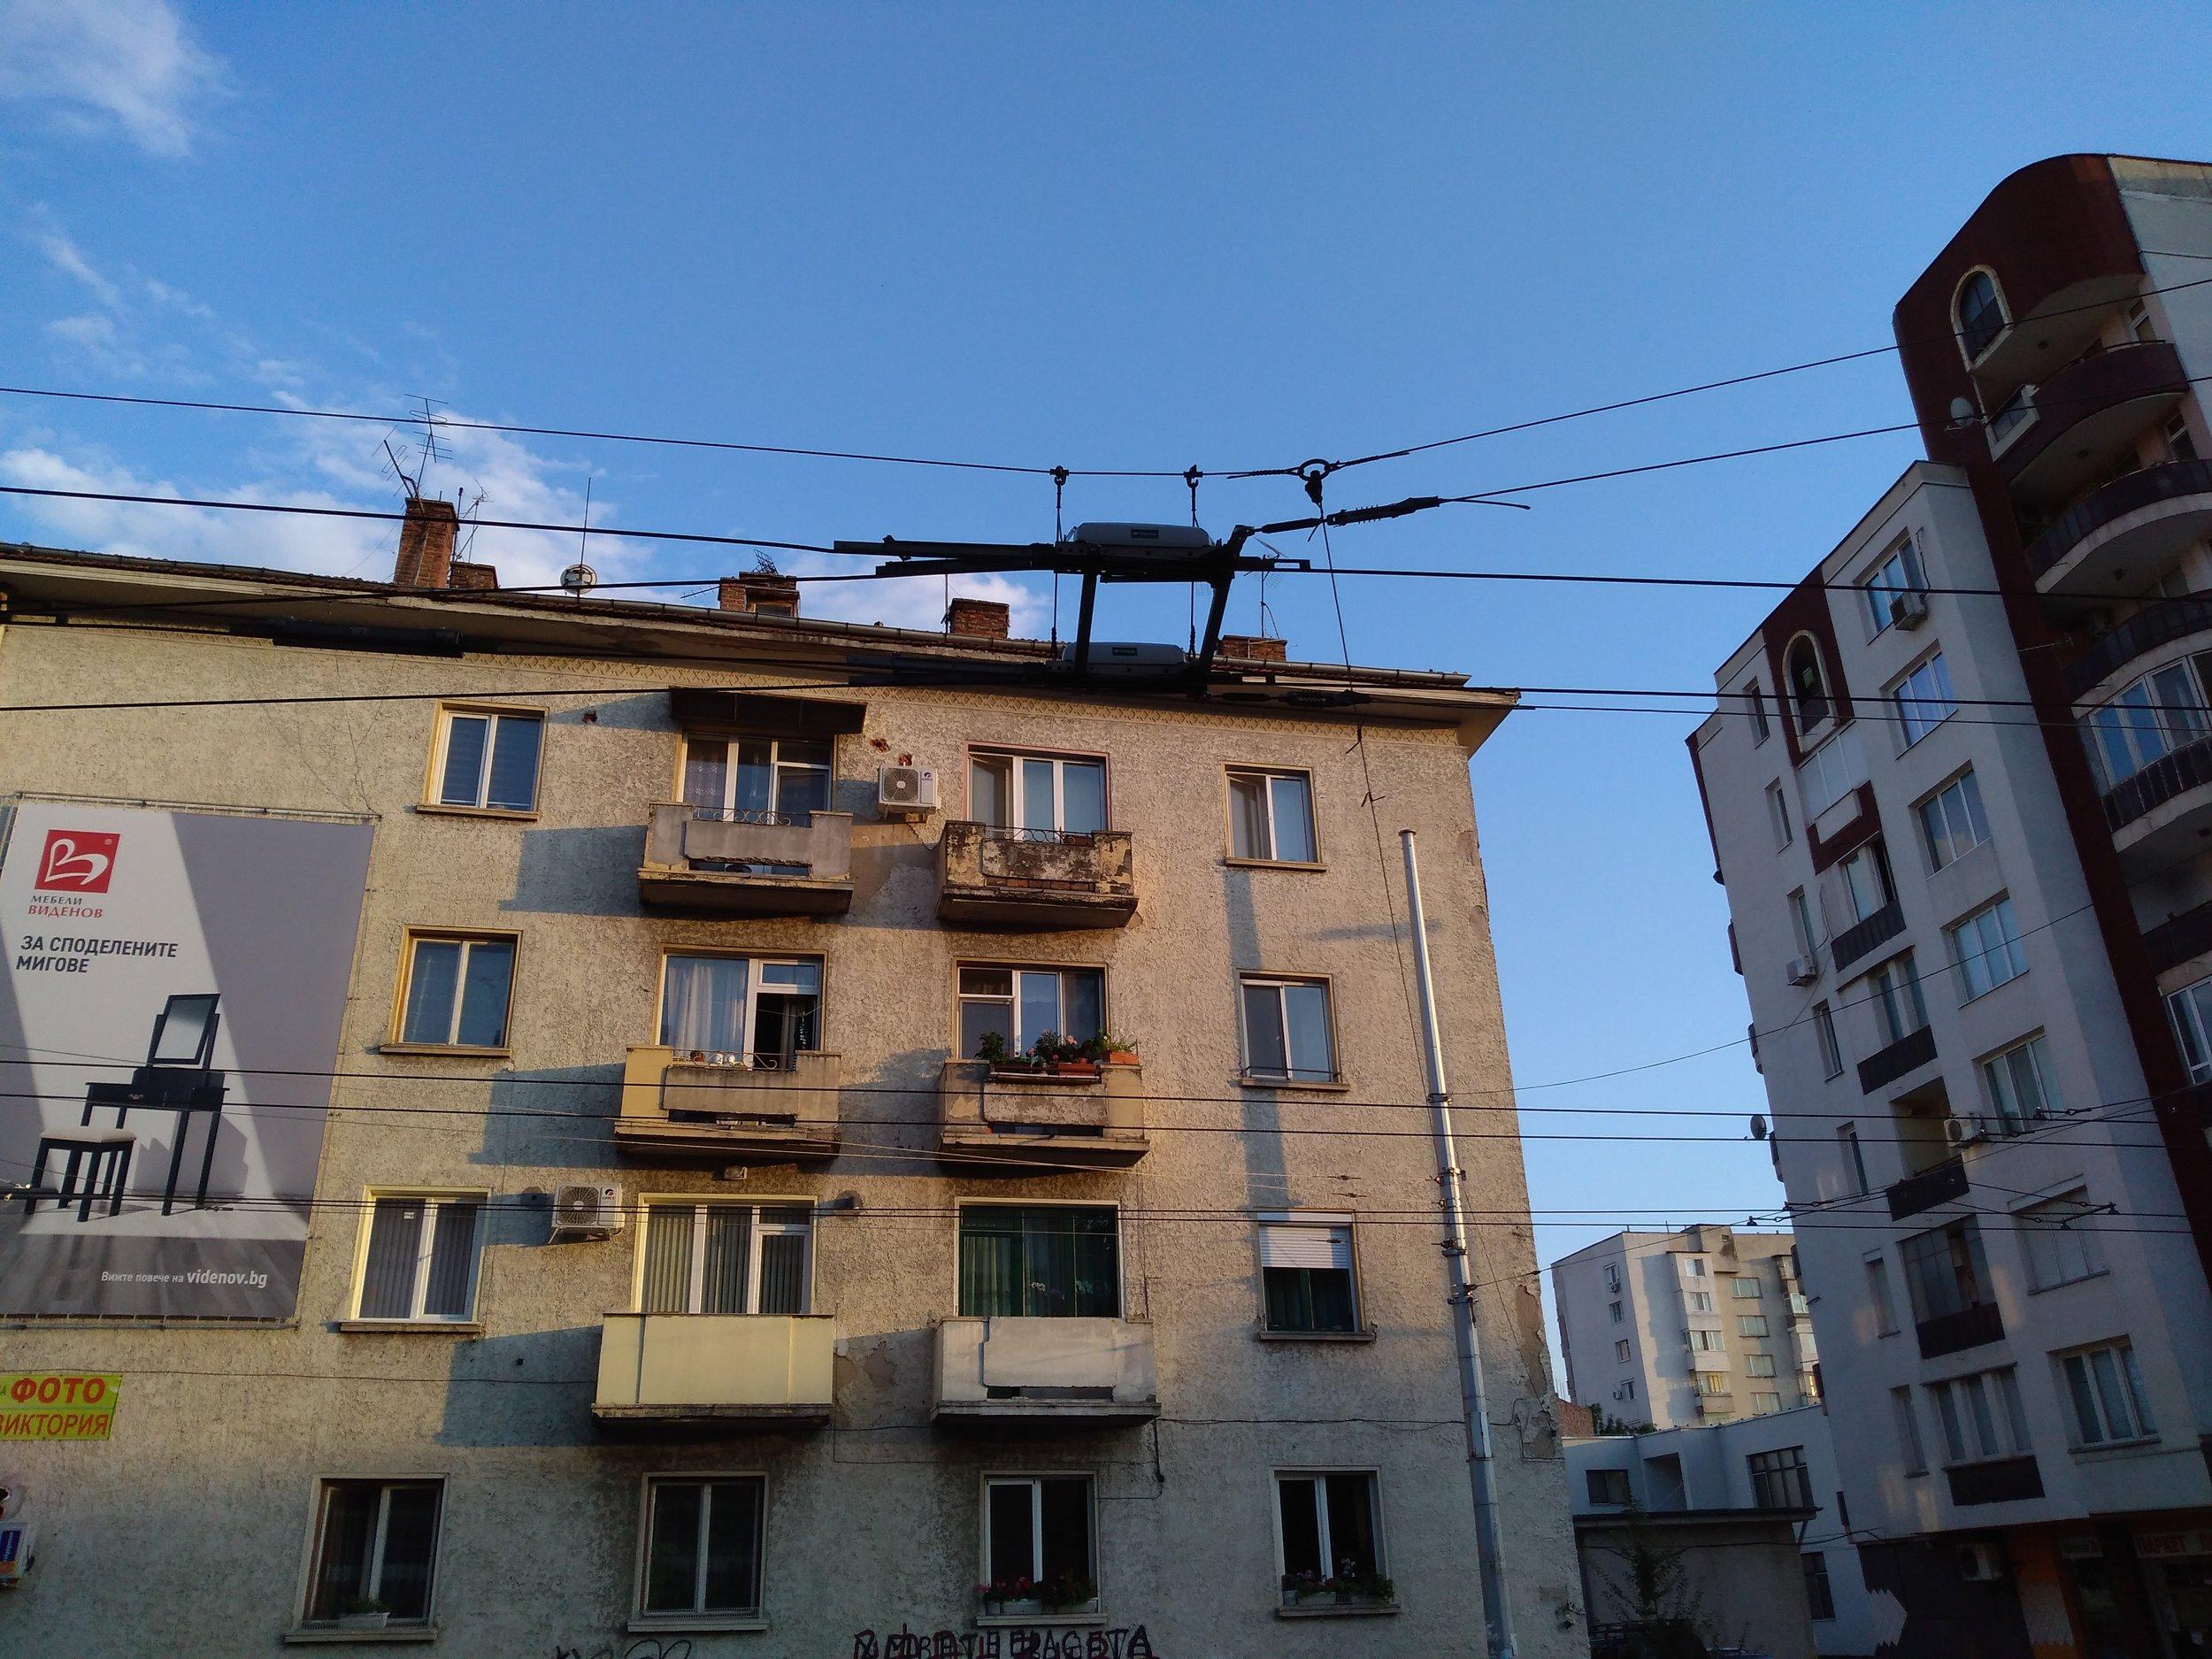 Výhybka od firmy Elektroline. Pleven má mezi bulharskými trolejbusovými provozy nejvyšší počet výhybek od tohoto výrobce, který se postaral o podstatnou část rekonstrukce místních trolejí i jejich rozšíření.